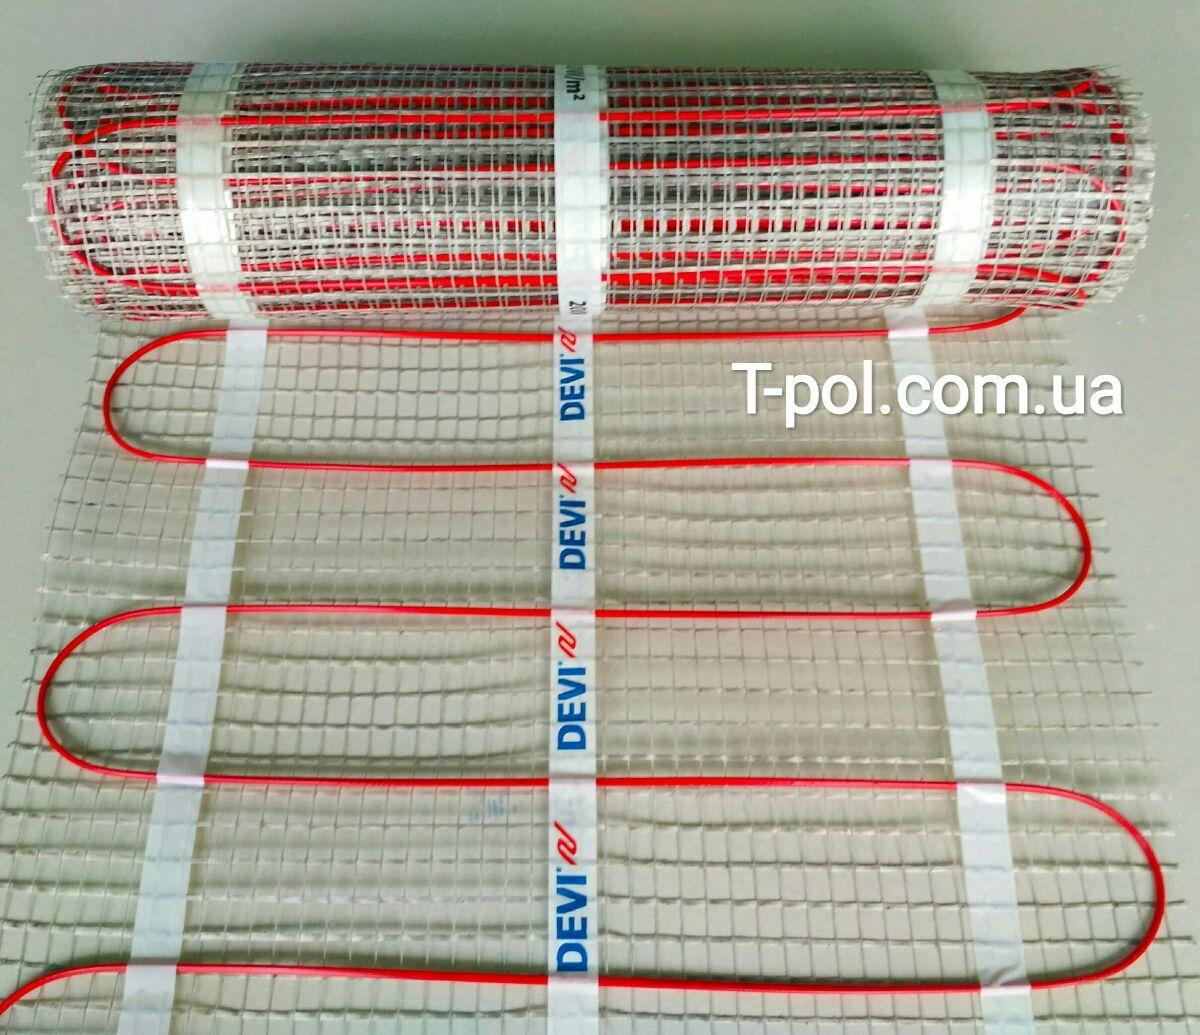 Теплый пол Devi нагревательный мат devicomfort dtir-150t на 2,5 м2